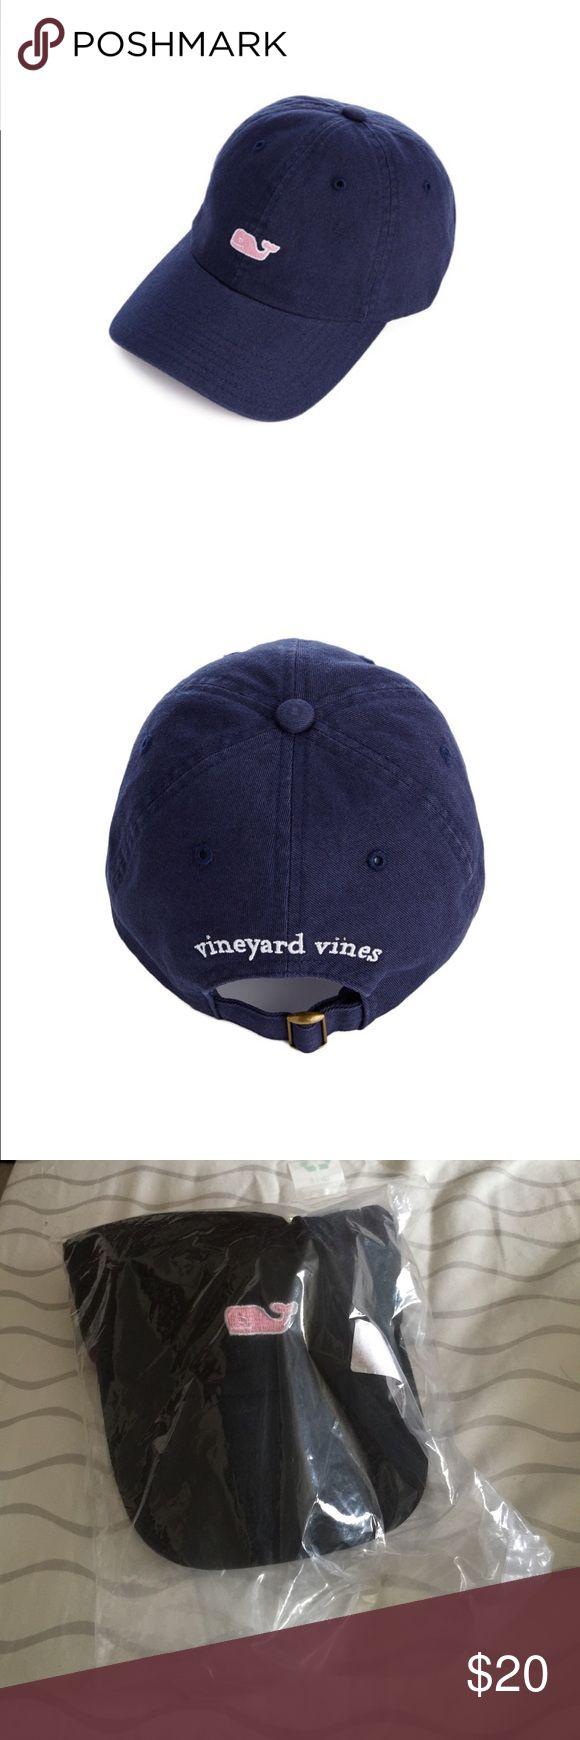 NWT Vineyard vines hat NWT Vineyard vines black hat with pink whale Vineyard Vines Accessories Hats